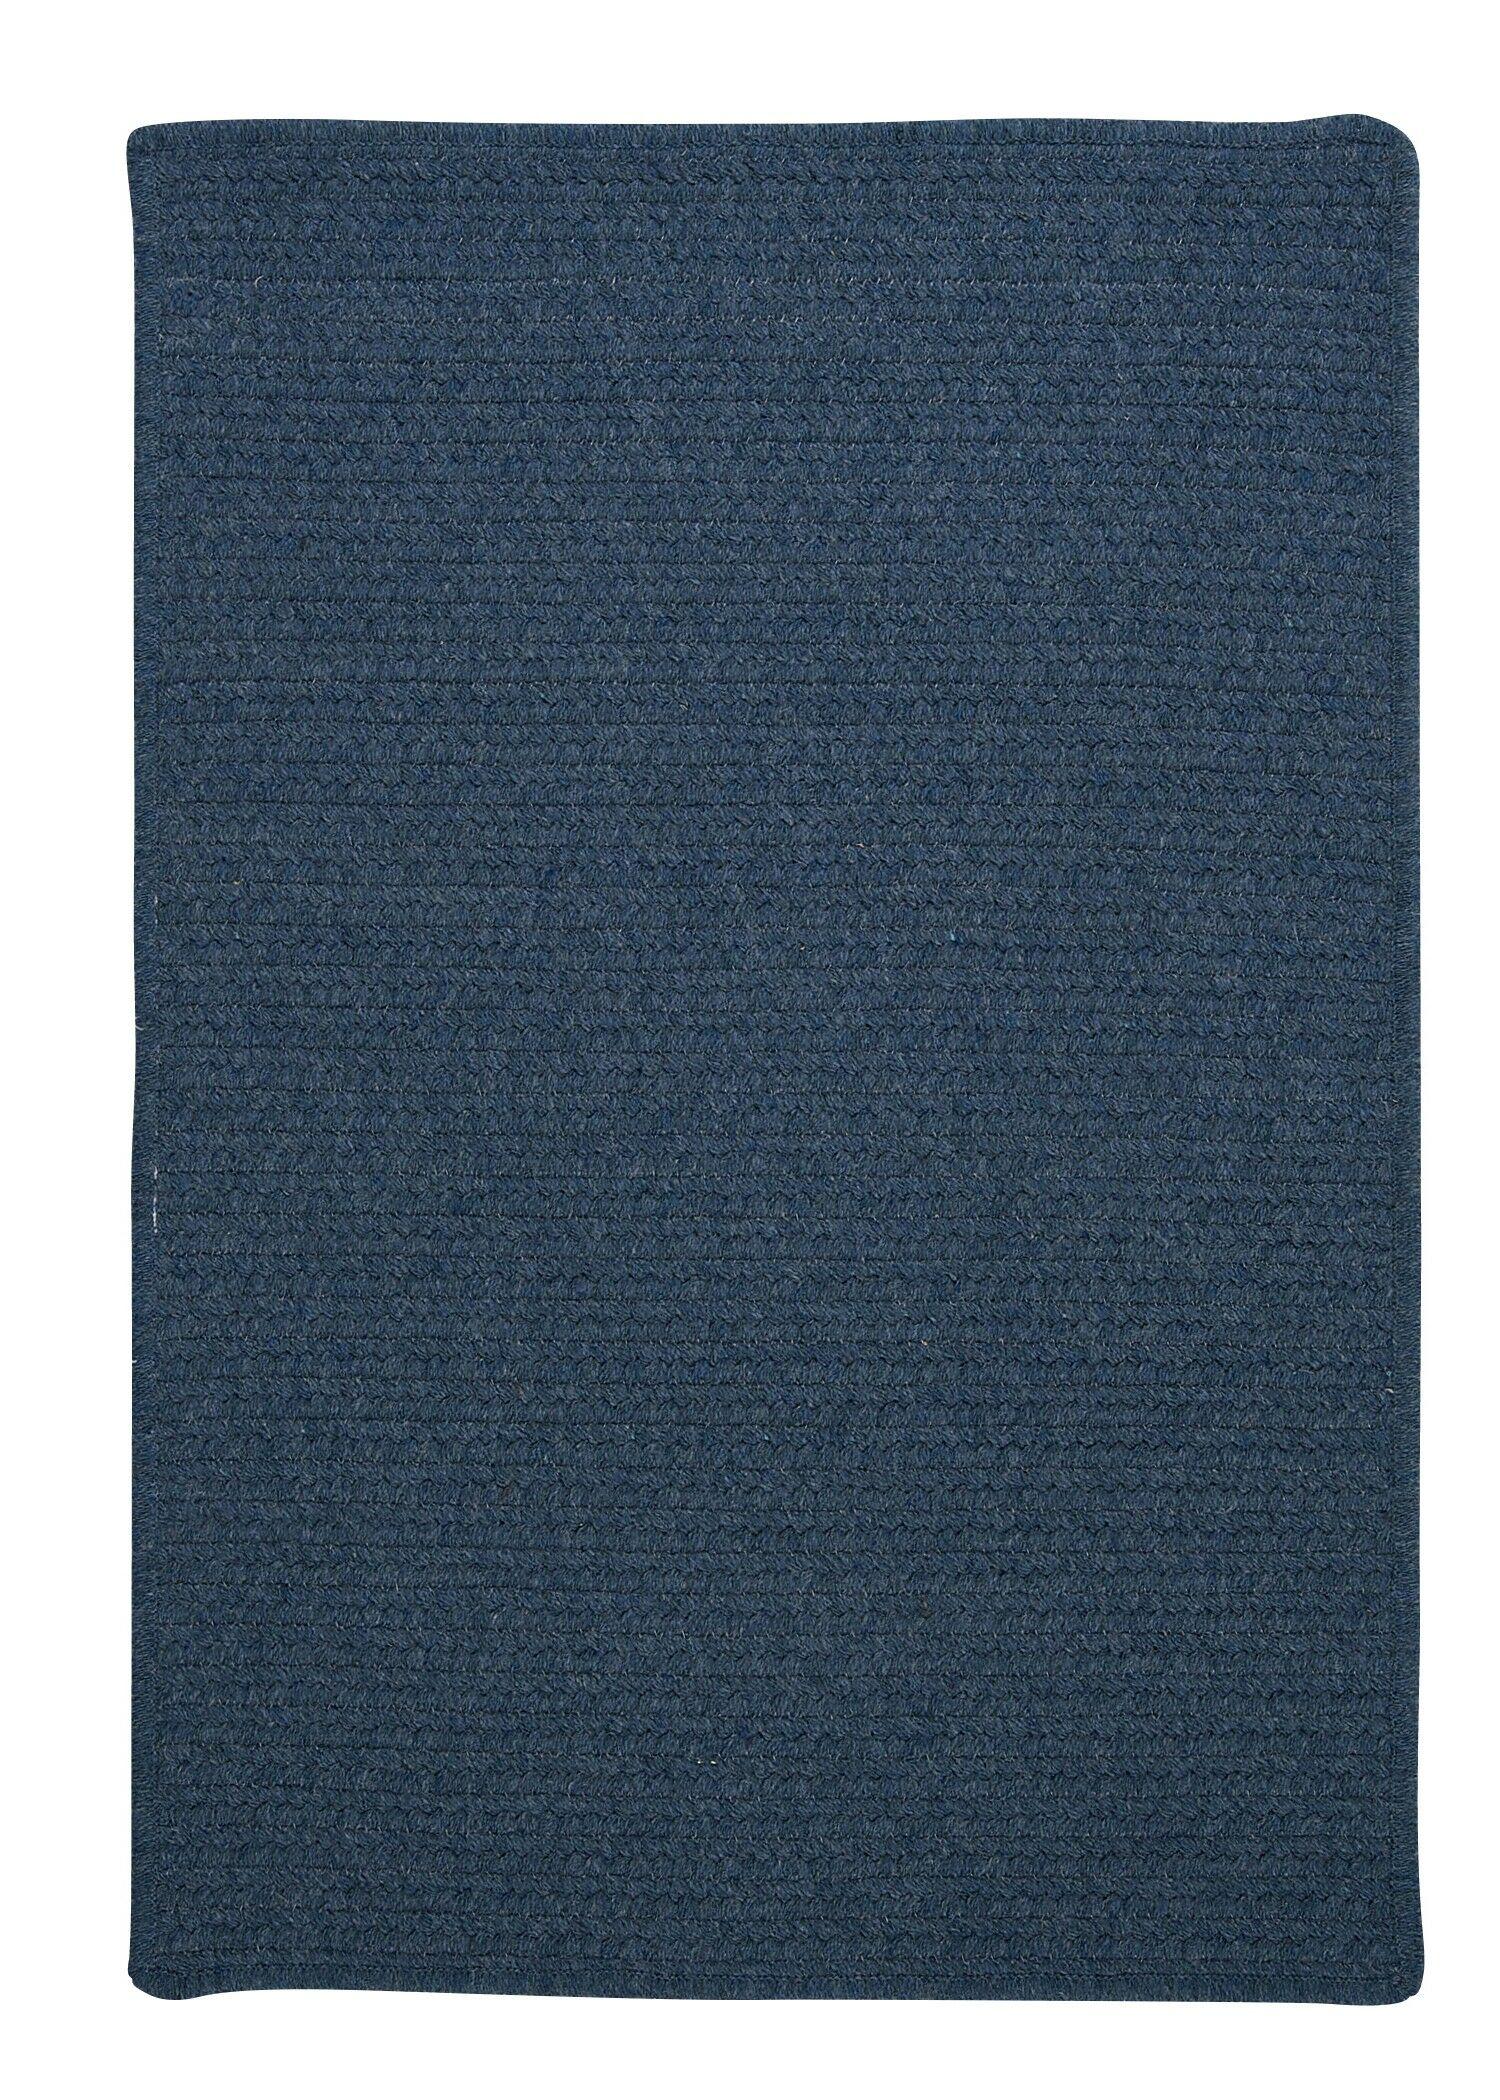 Westminster Federal Blue Area Rug Fringe: Included, Rug Size: Square 10'